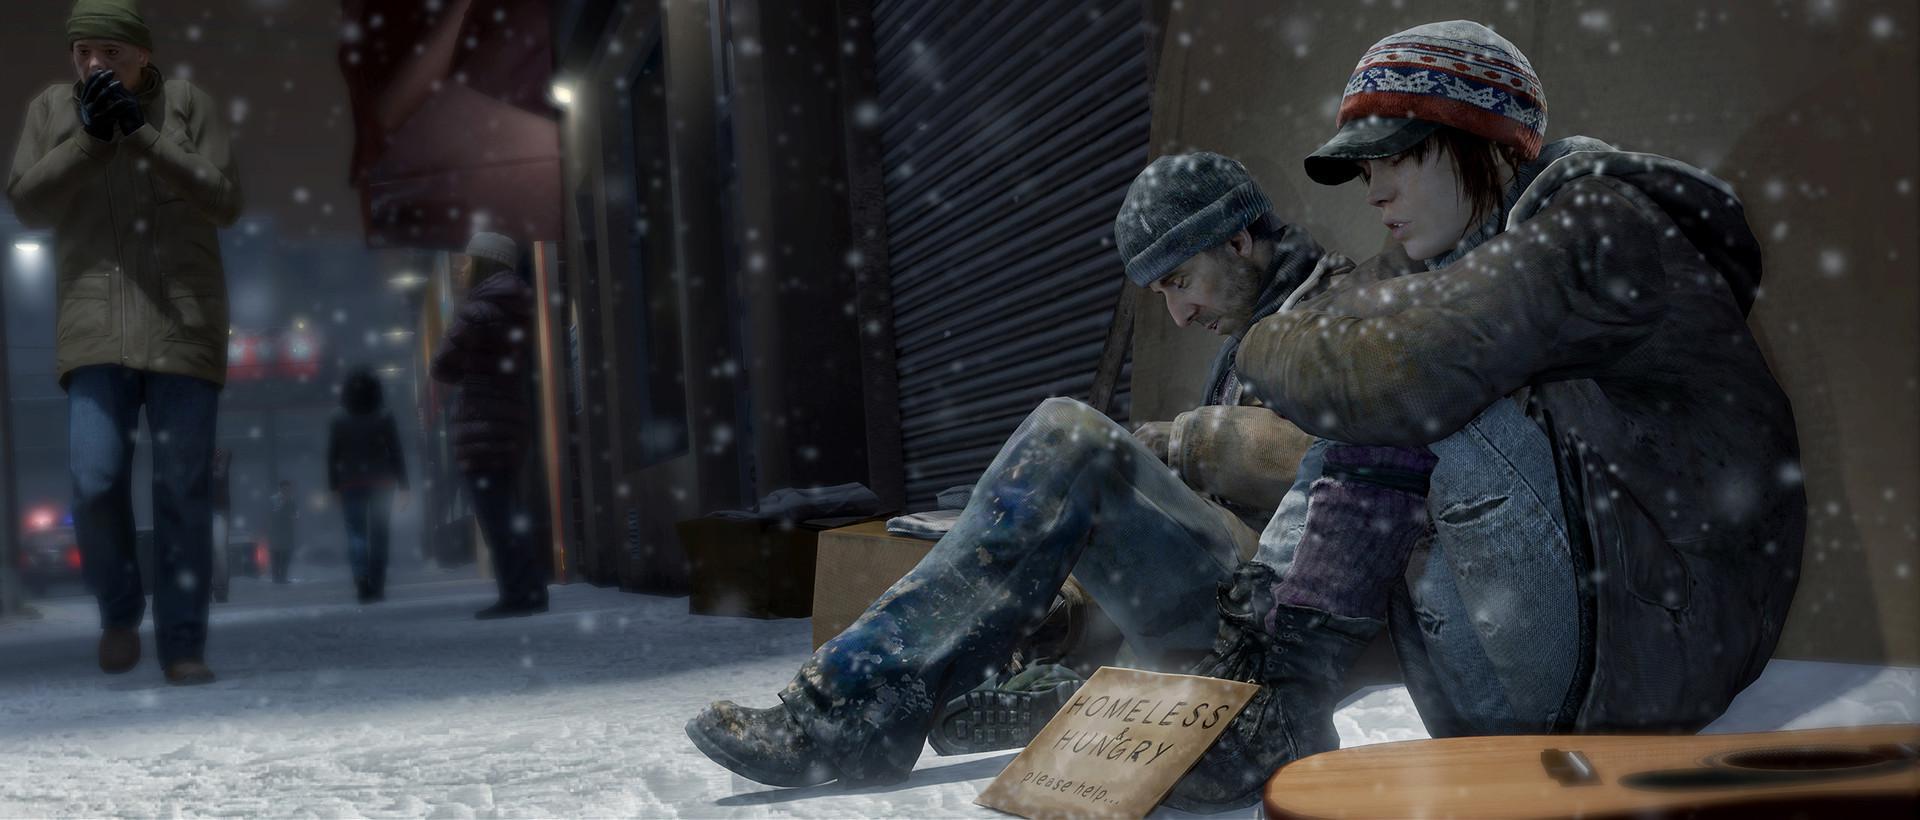 《超凡雙生》Steam解鎖發售 國區61元支援簡中